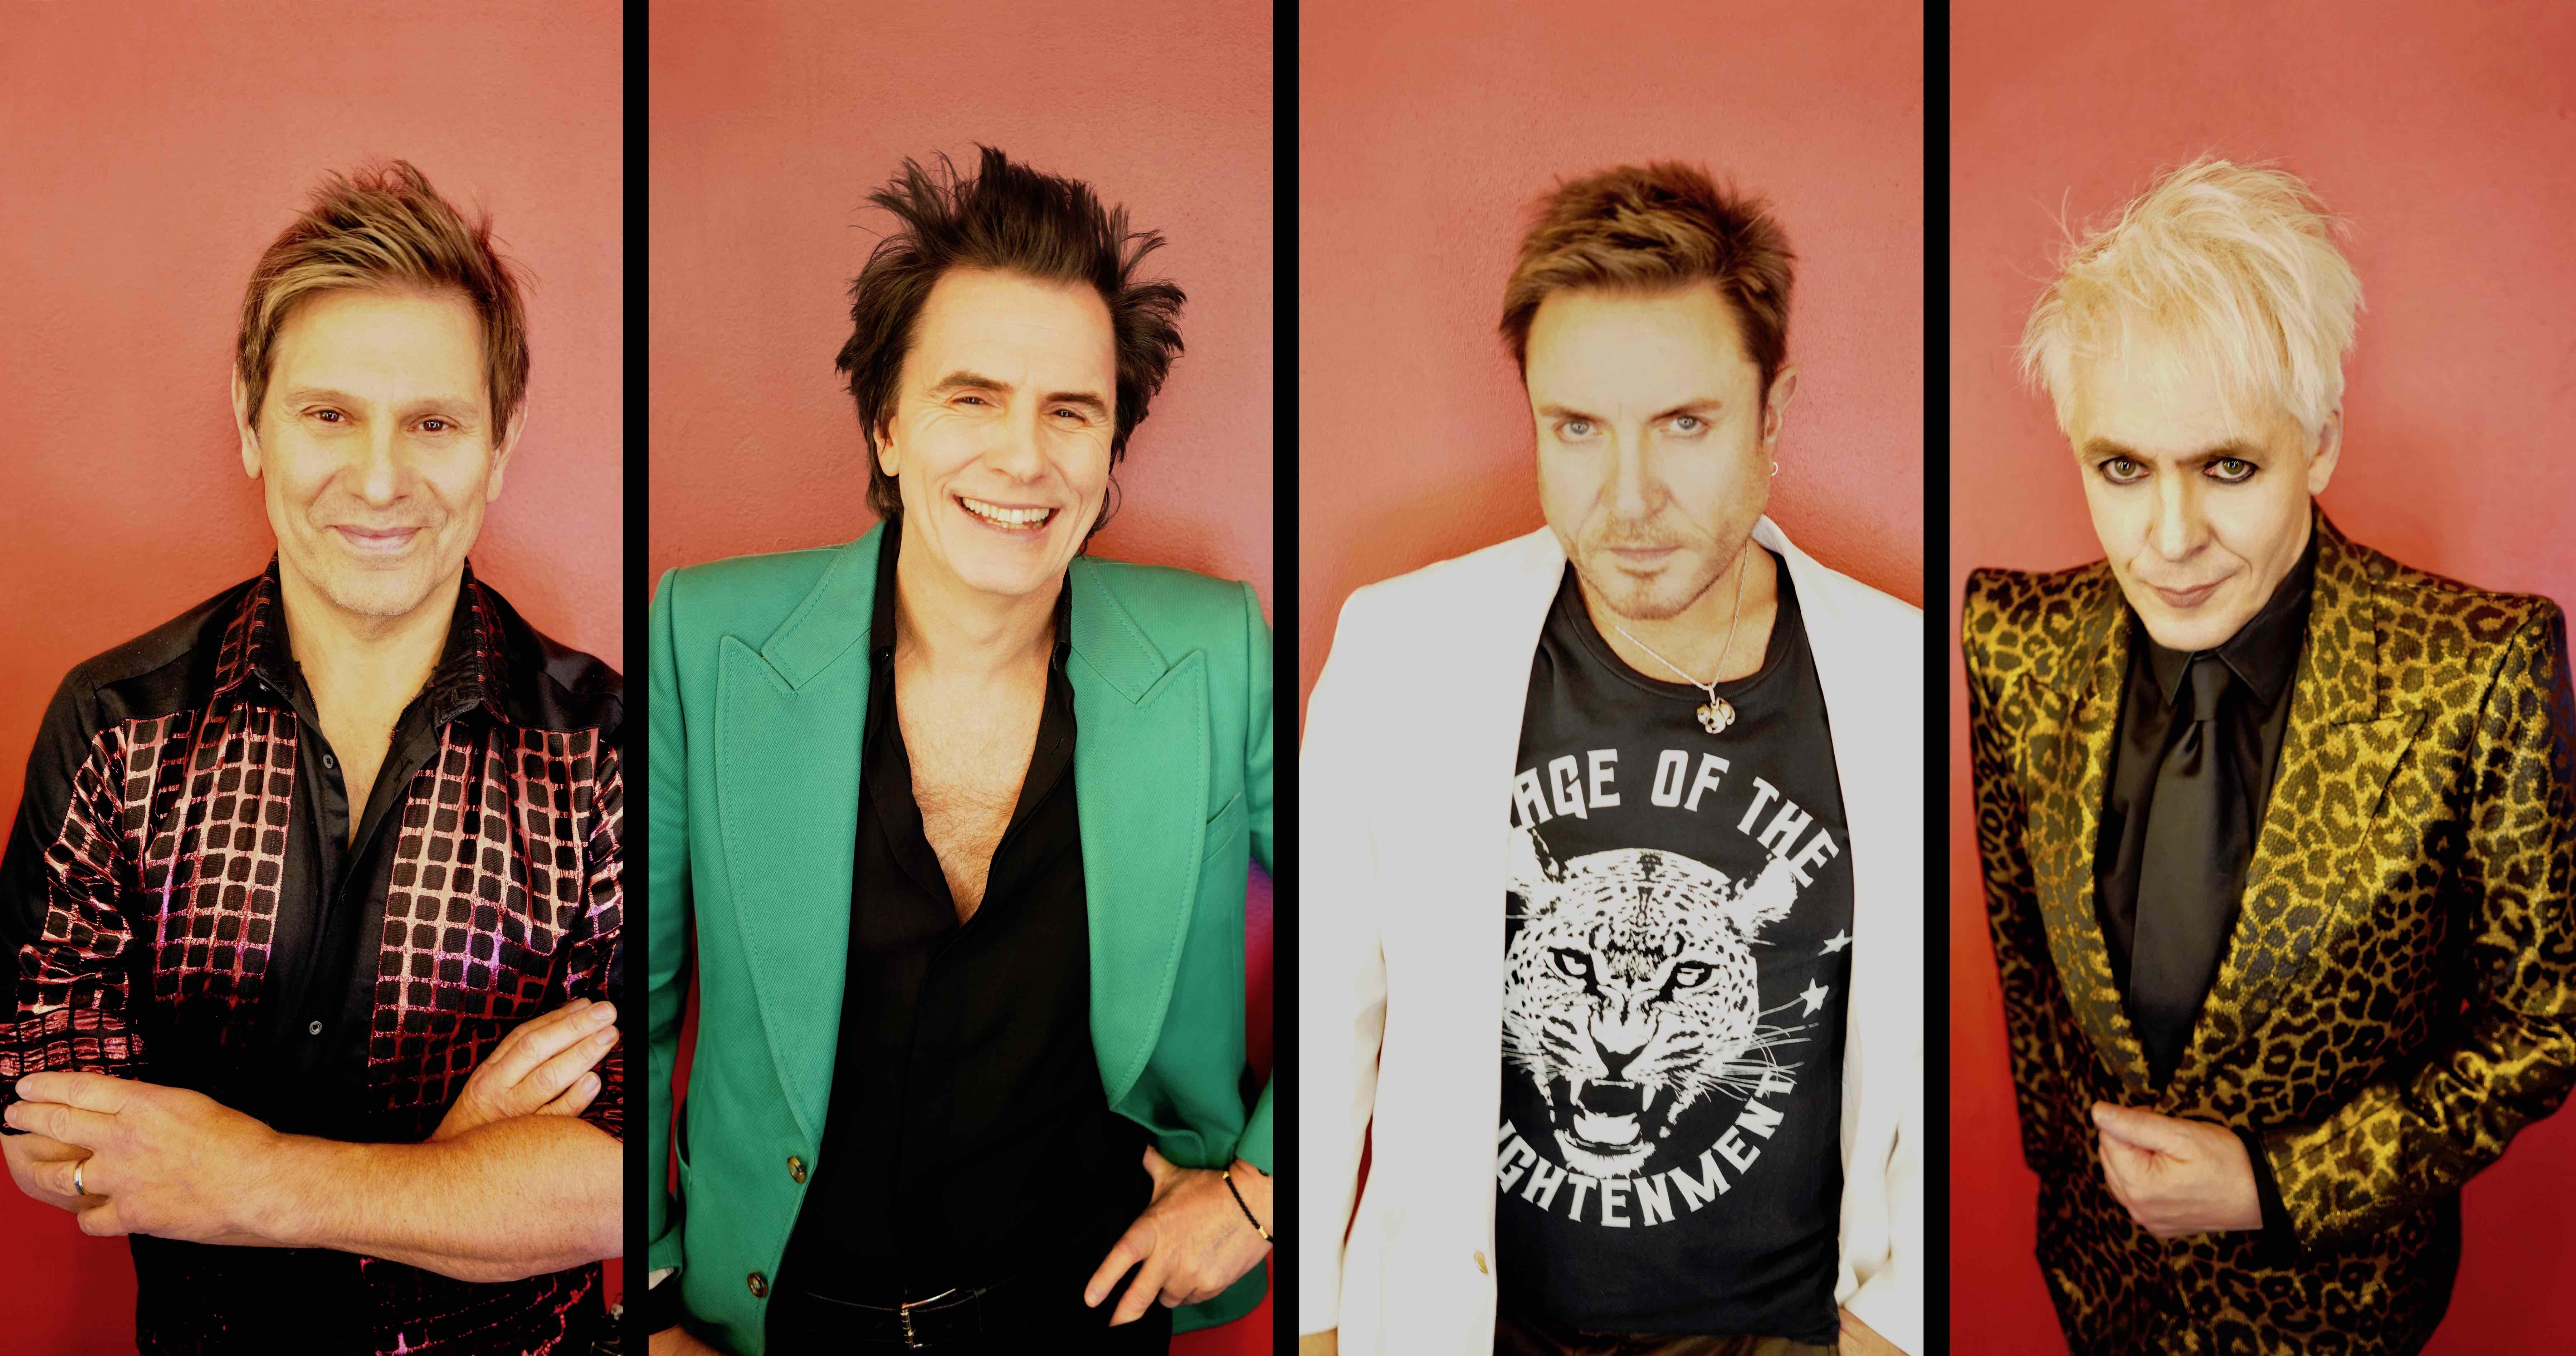 Duran-Duran-by-Nefer-Suvio--1611846238